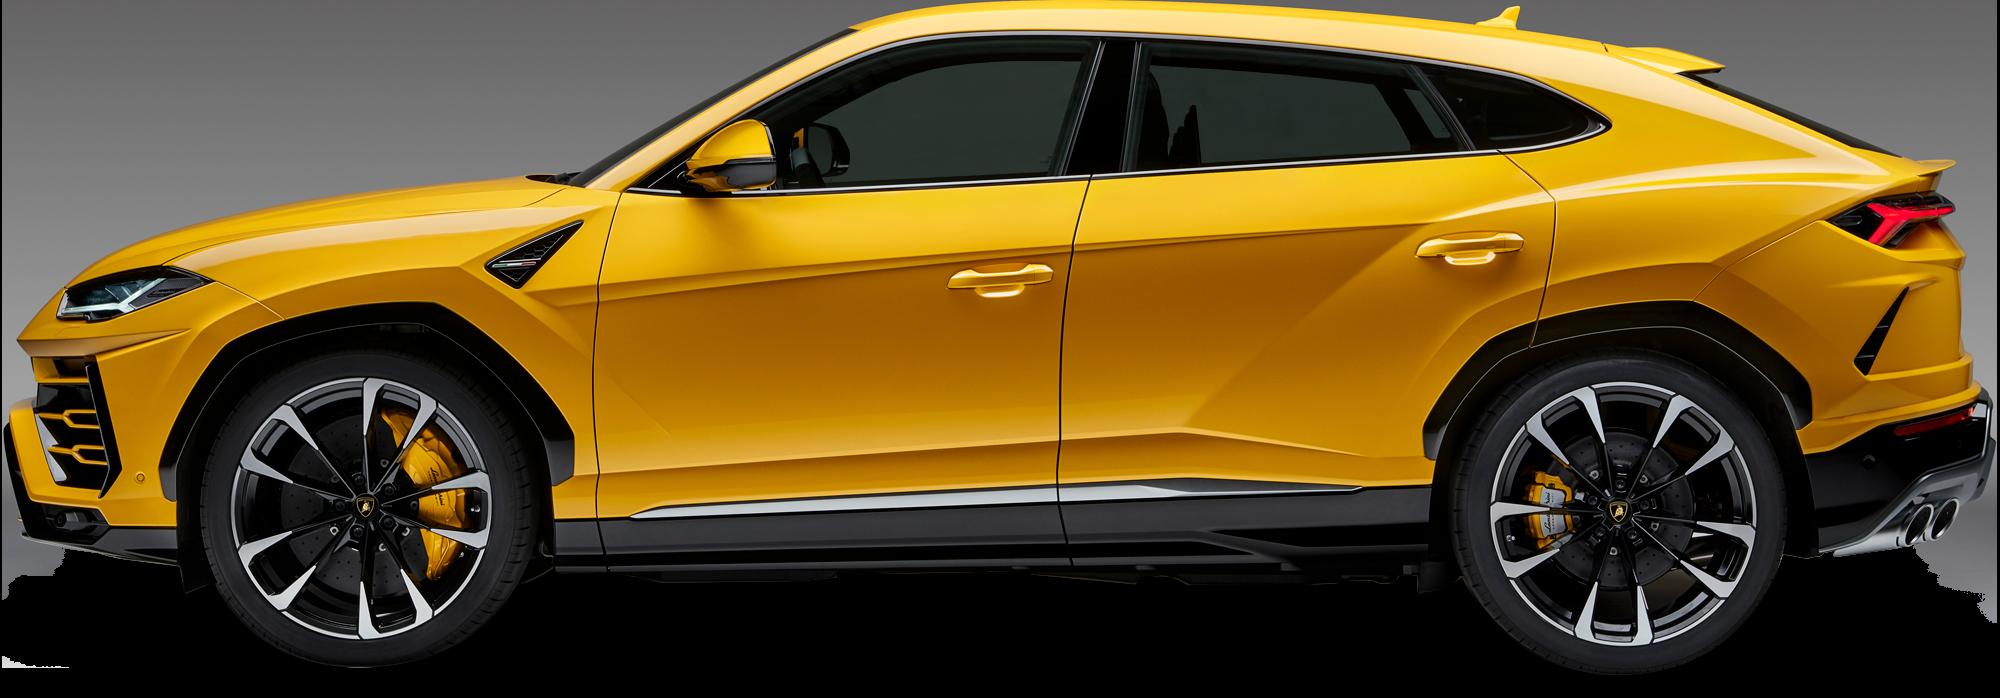 2021 Lamborghini Urus SUV